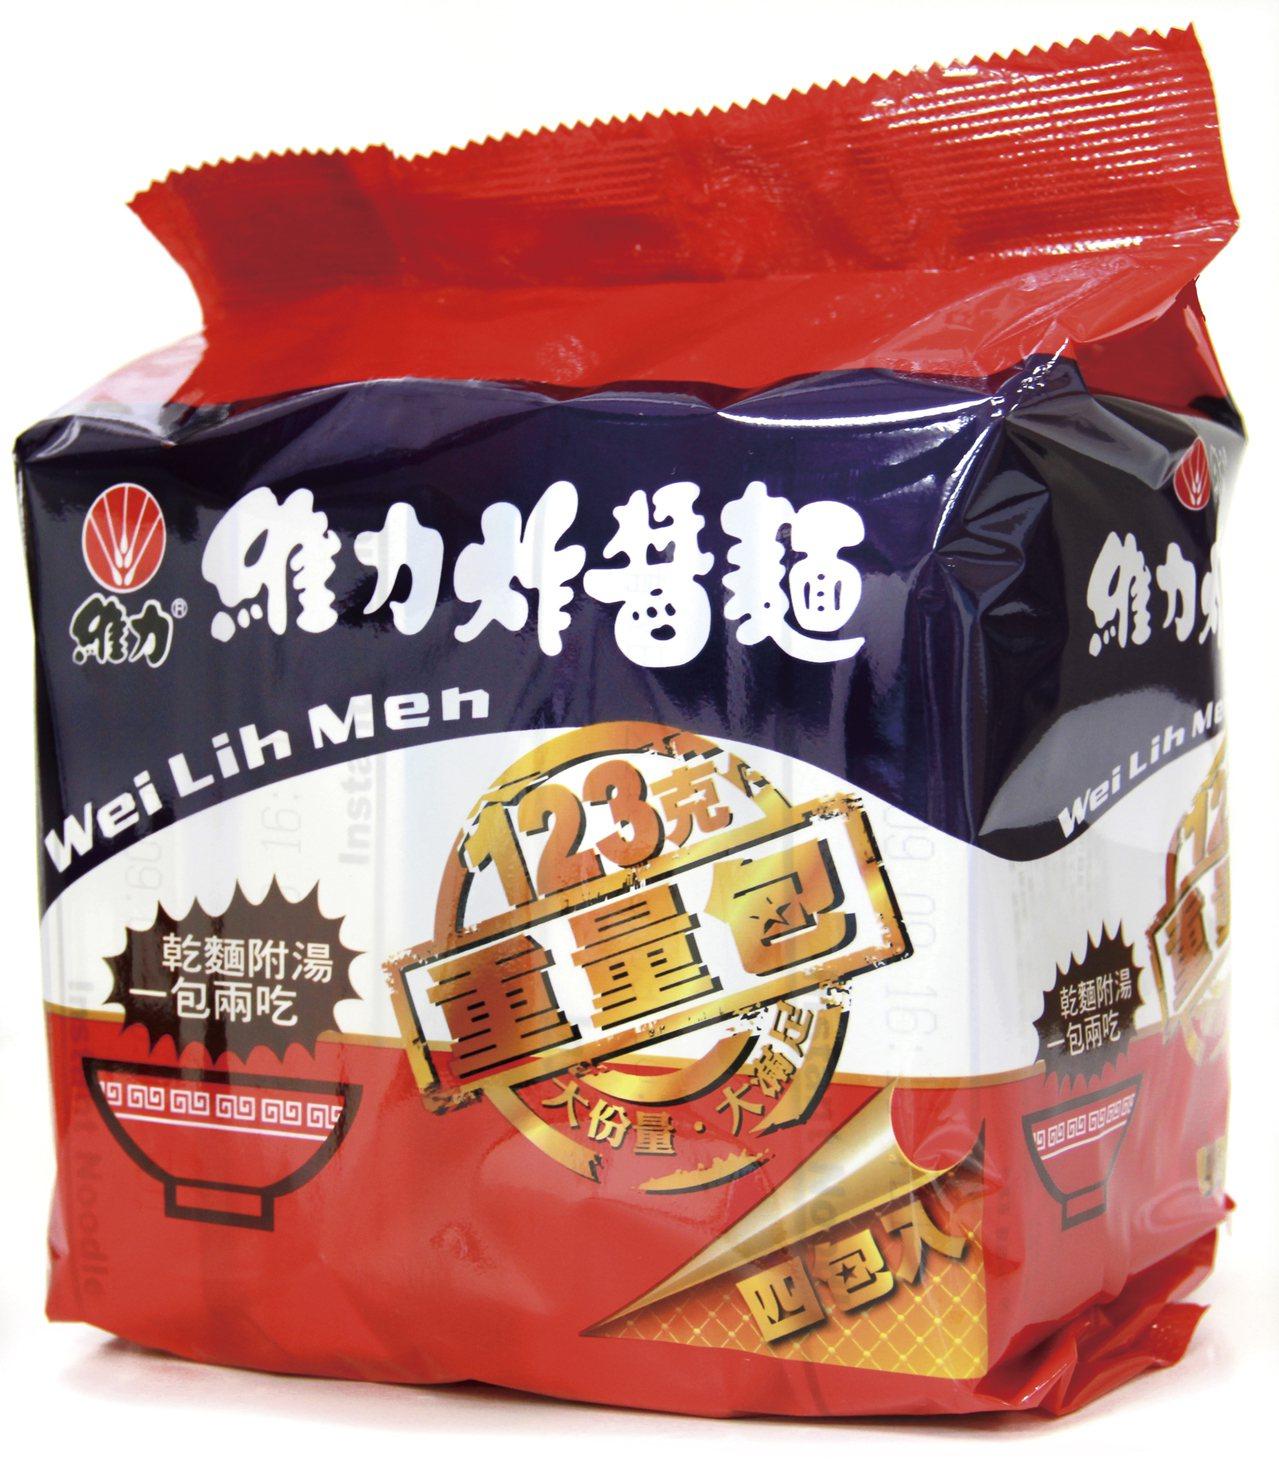 老品牌維力炸醬麵,成為銷量排行榜季軍。圖/大潤發提供